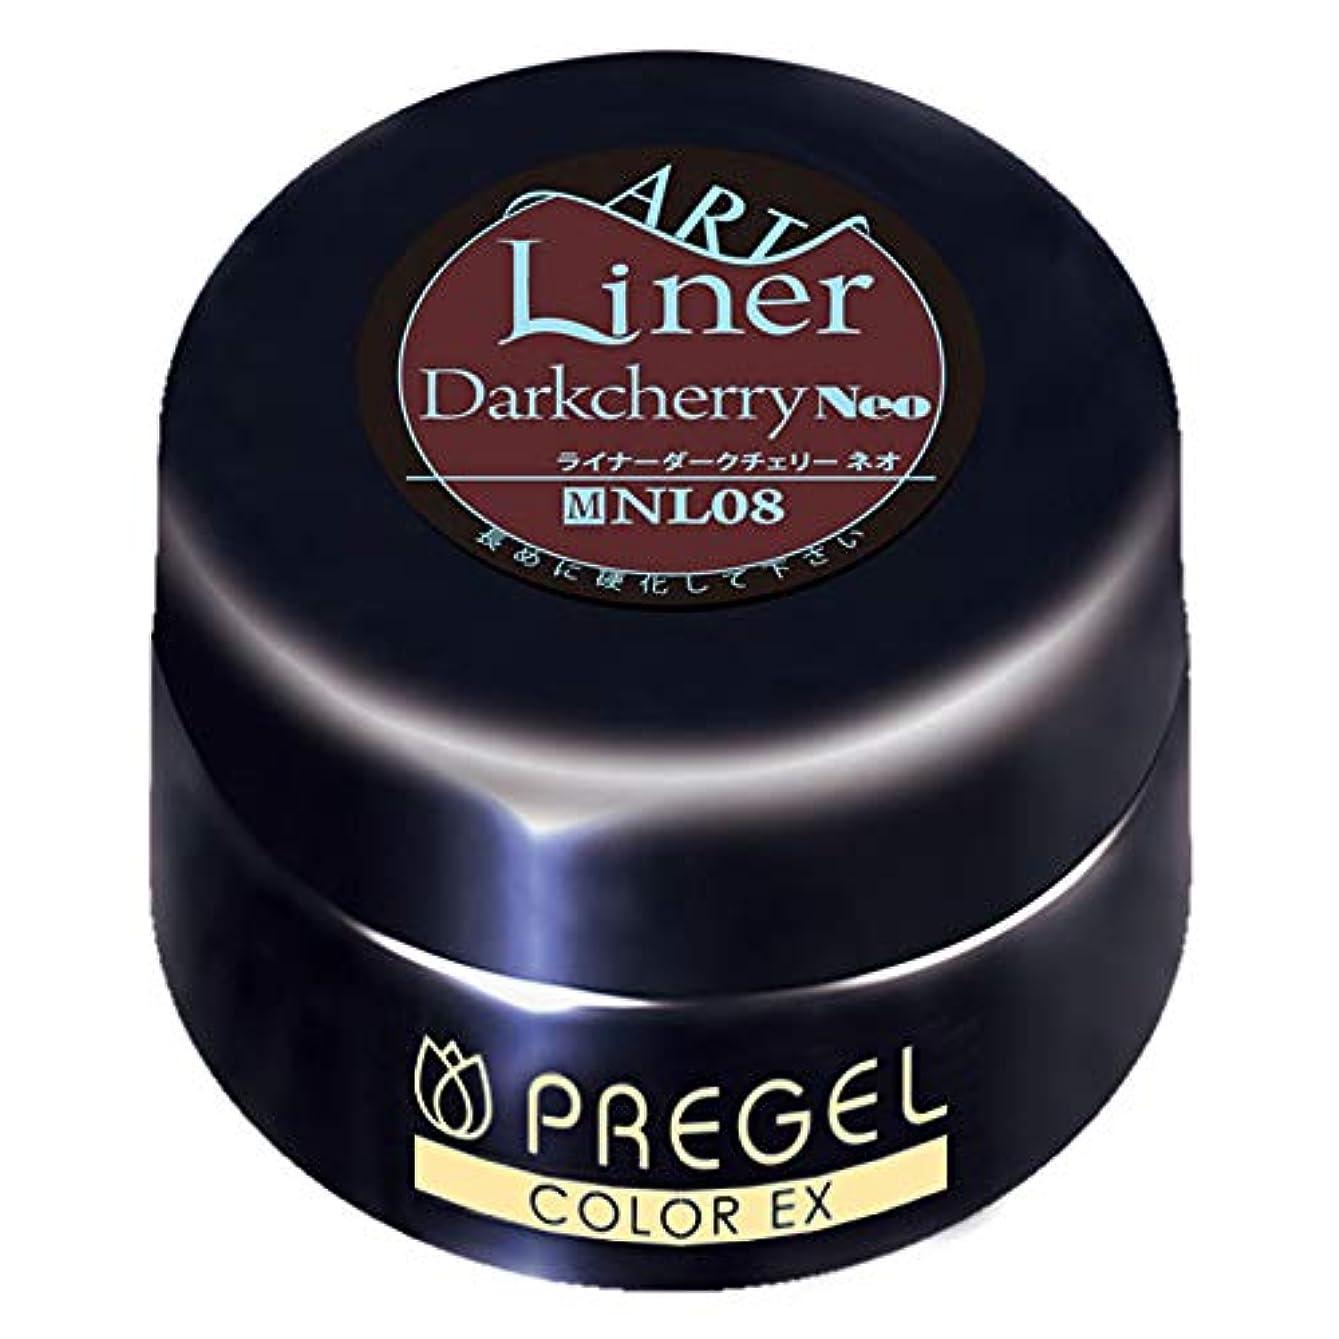 掘る覚醒偽善者PRE GEL カラージェル カラーEX ライナーダークチェリーneo08 4g PG-CENL08 UV/LED対応